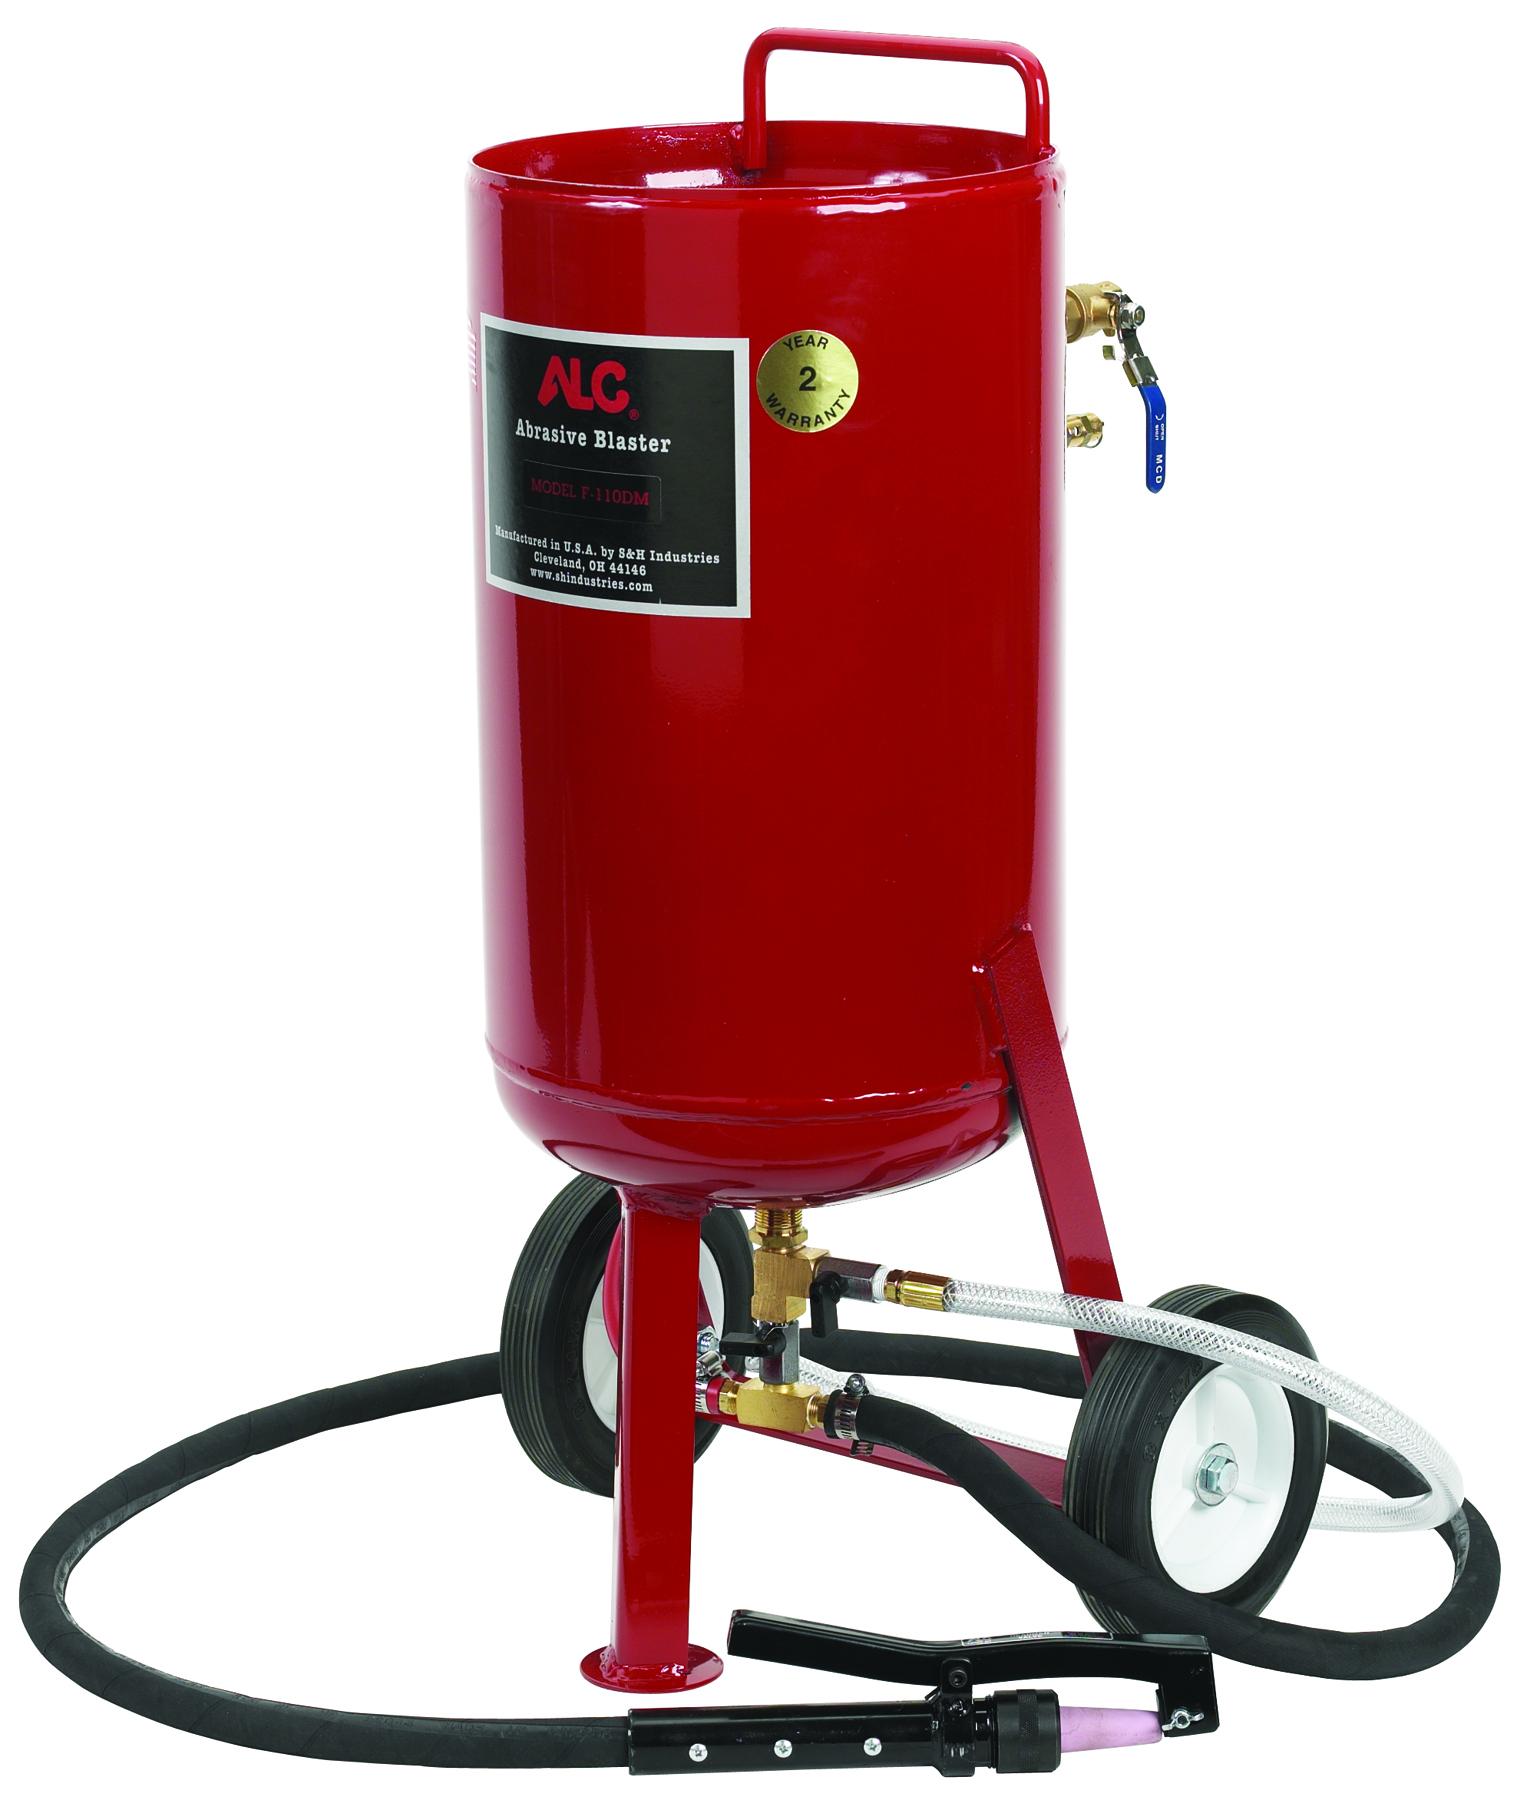 110 lb Pressure Blaster Kit and the Soda Blaster Attachment